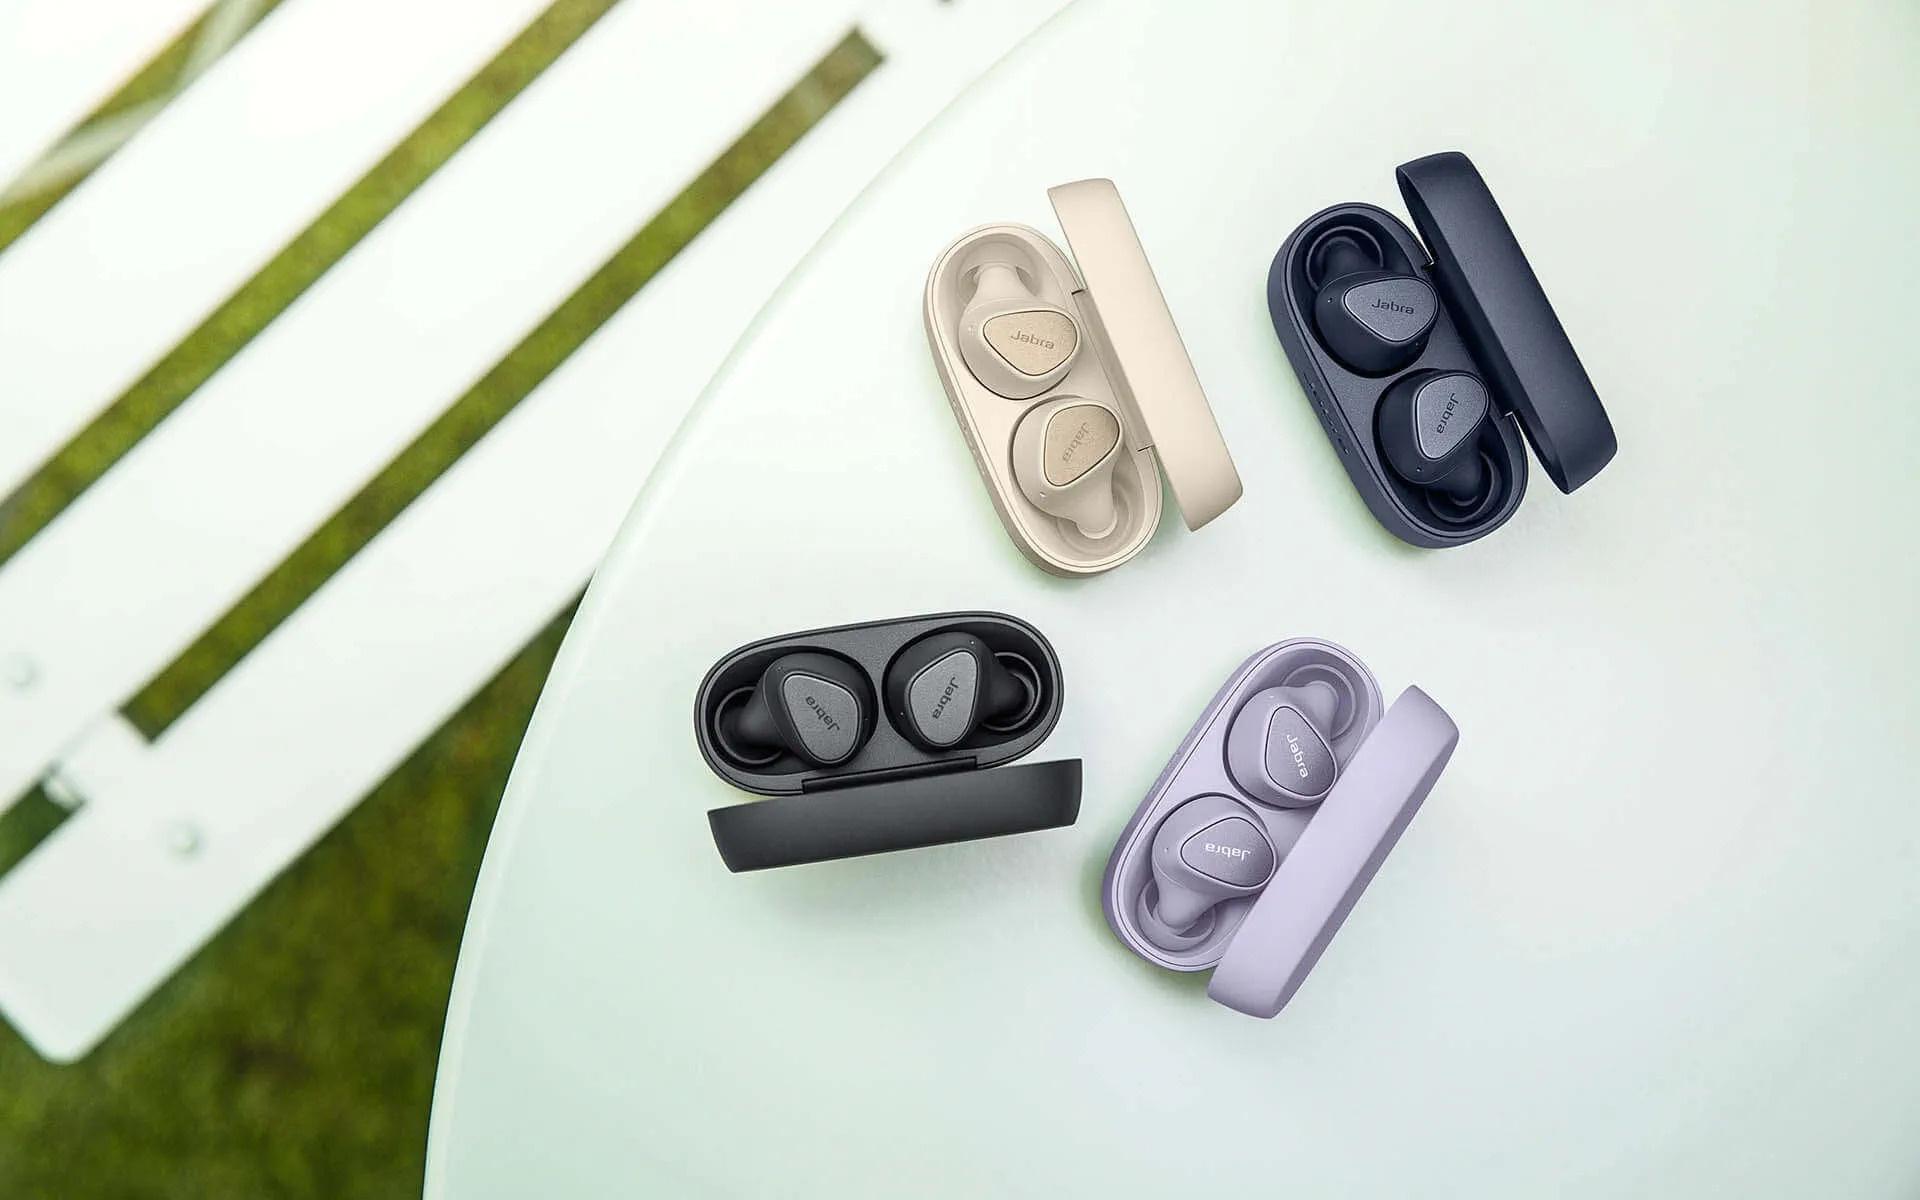 Jabra Elite 3 szinek A Jabra négy új termék bevezetését jelentette be az új Elite valódi vezeték nélküli termékcsalád frissítésével.